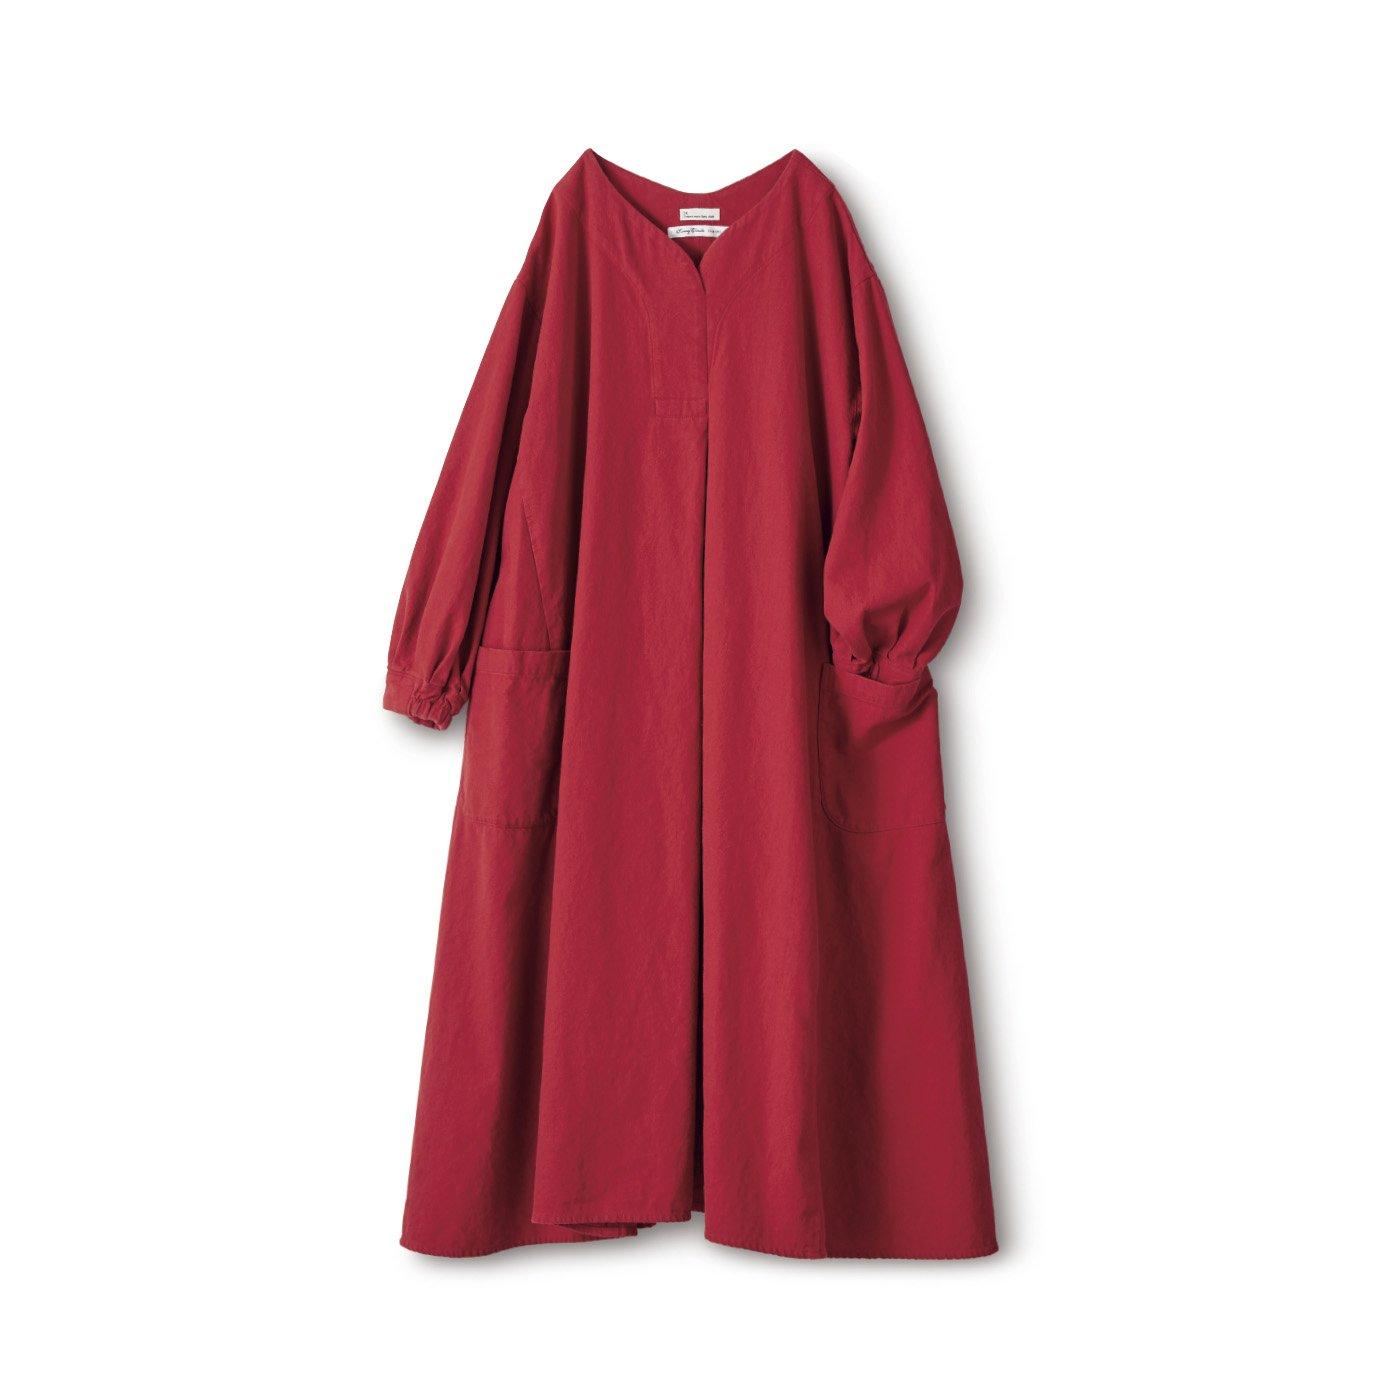 サニークラウズ kazumiの赤いワンピース〈レディース〉